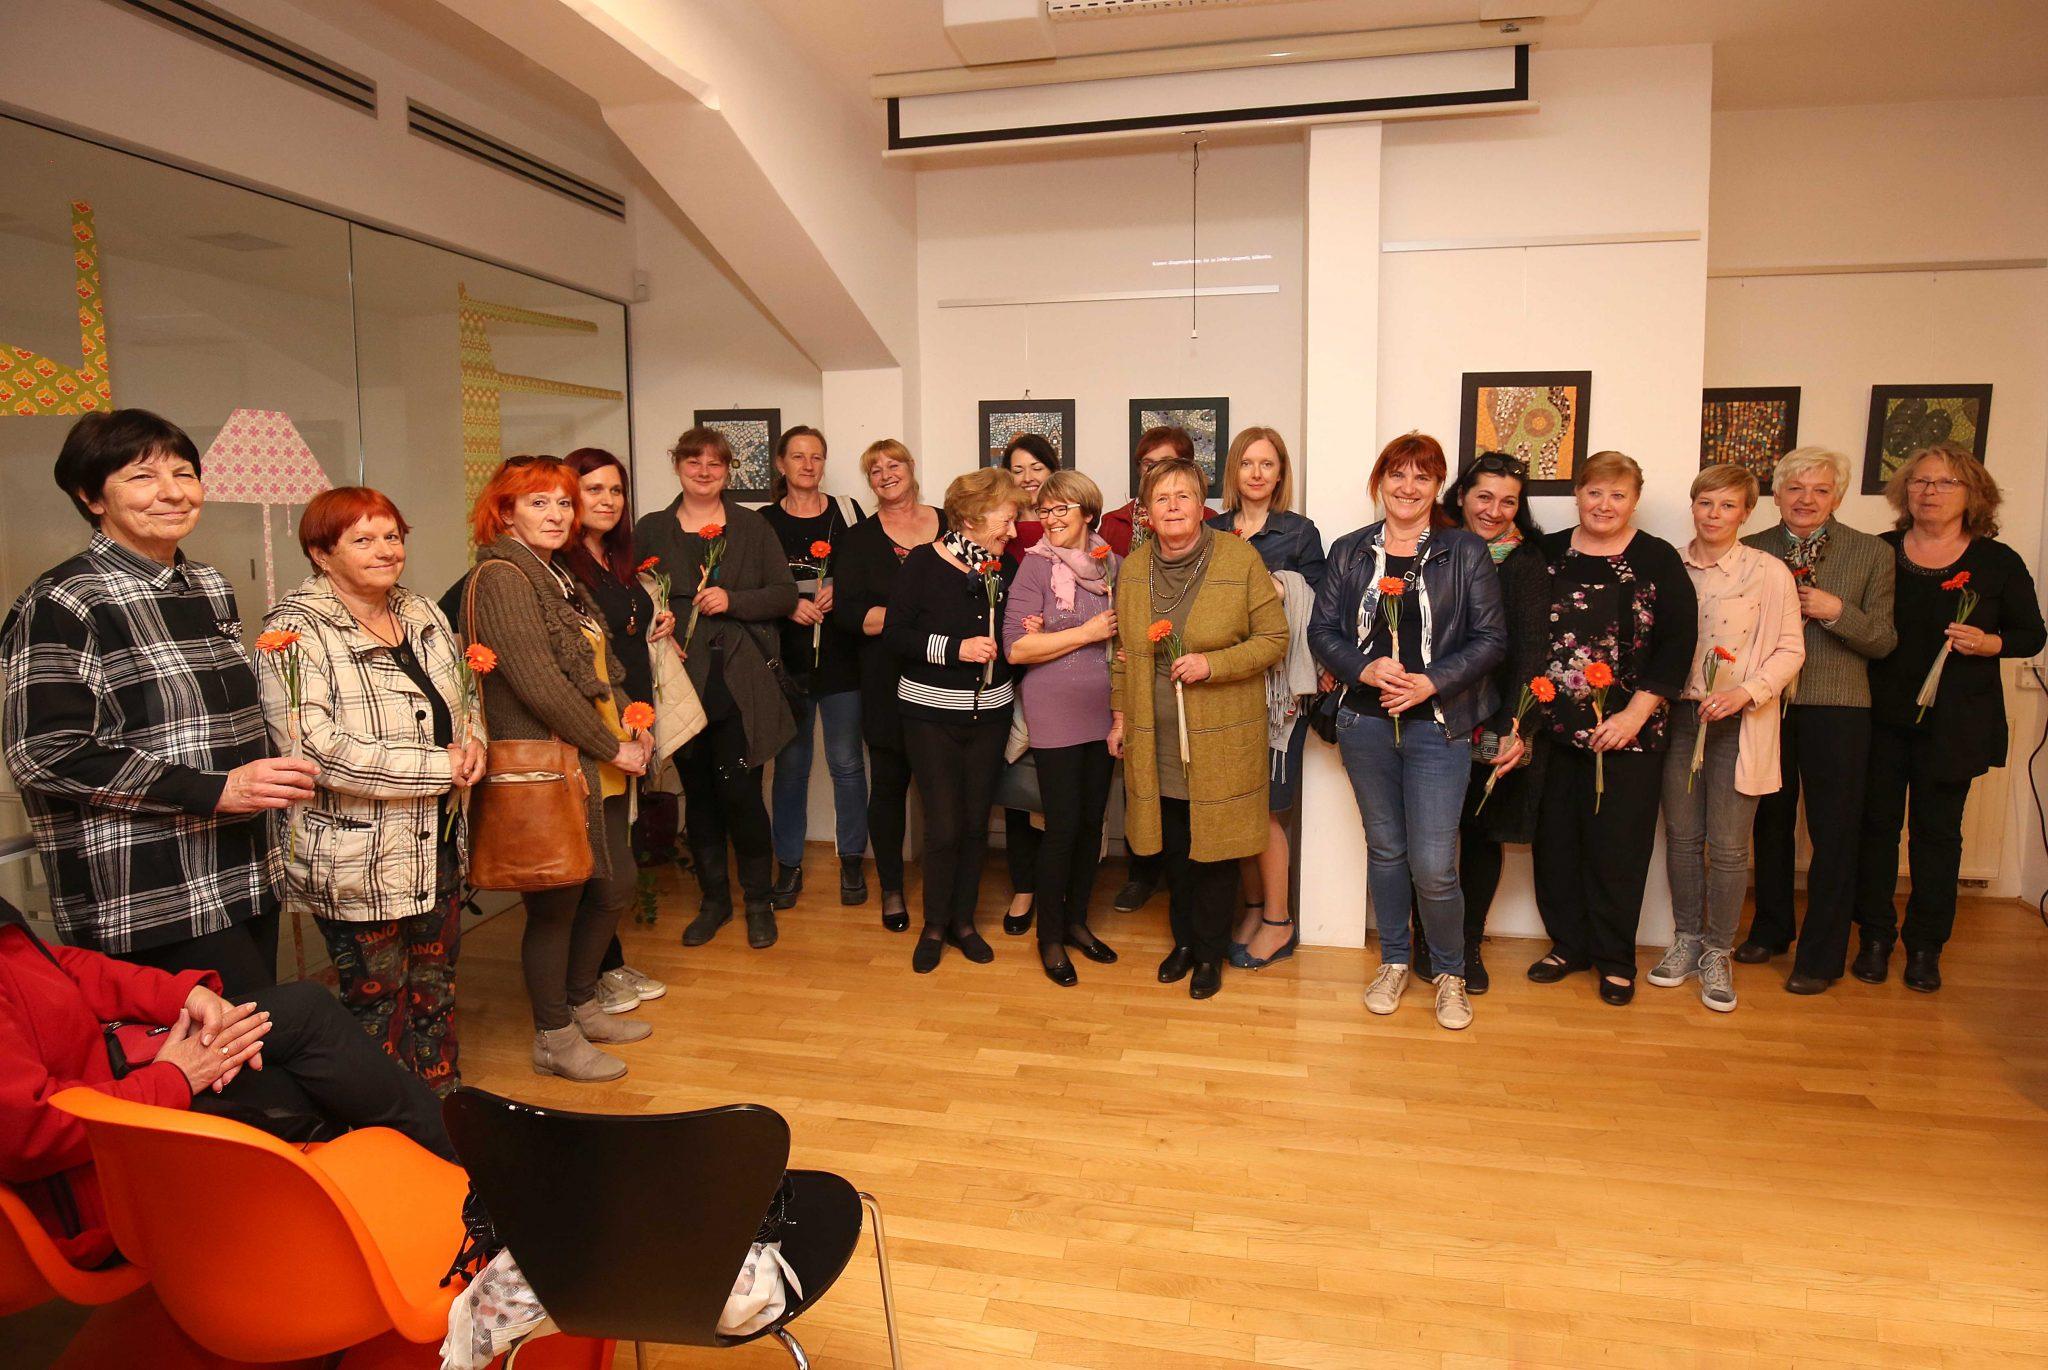 RAZSTAVA MOZAIKOV 10FOTO LJUBO VUKELIČ - Odprtje razstave - Pogled v živalski svet - sekcije Mozaik KD Rak Rakek